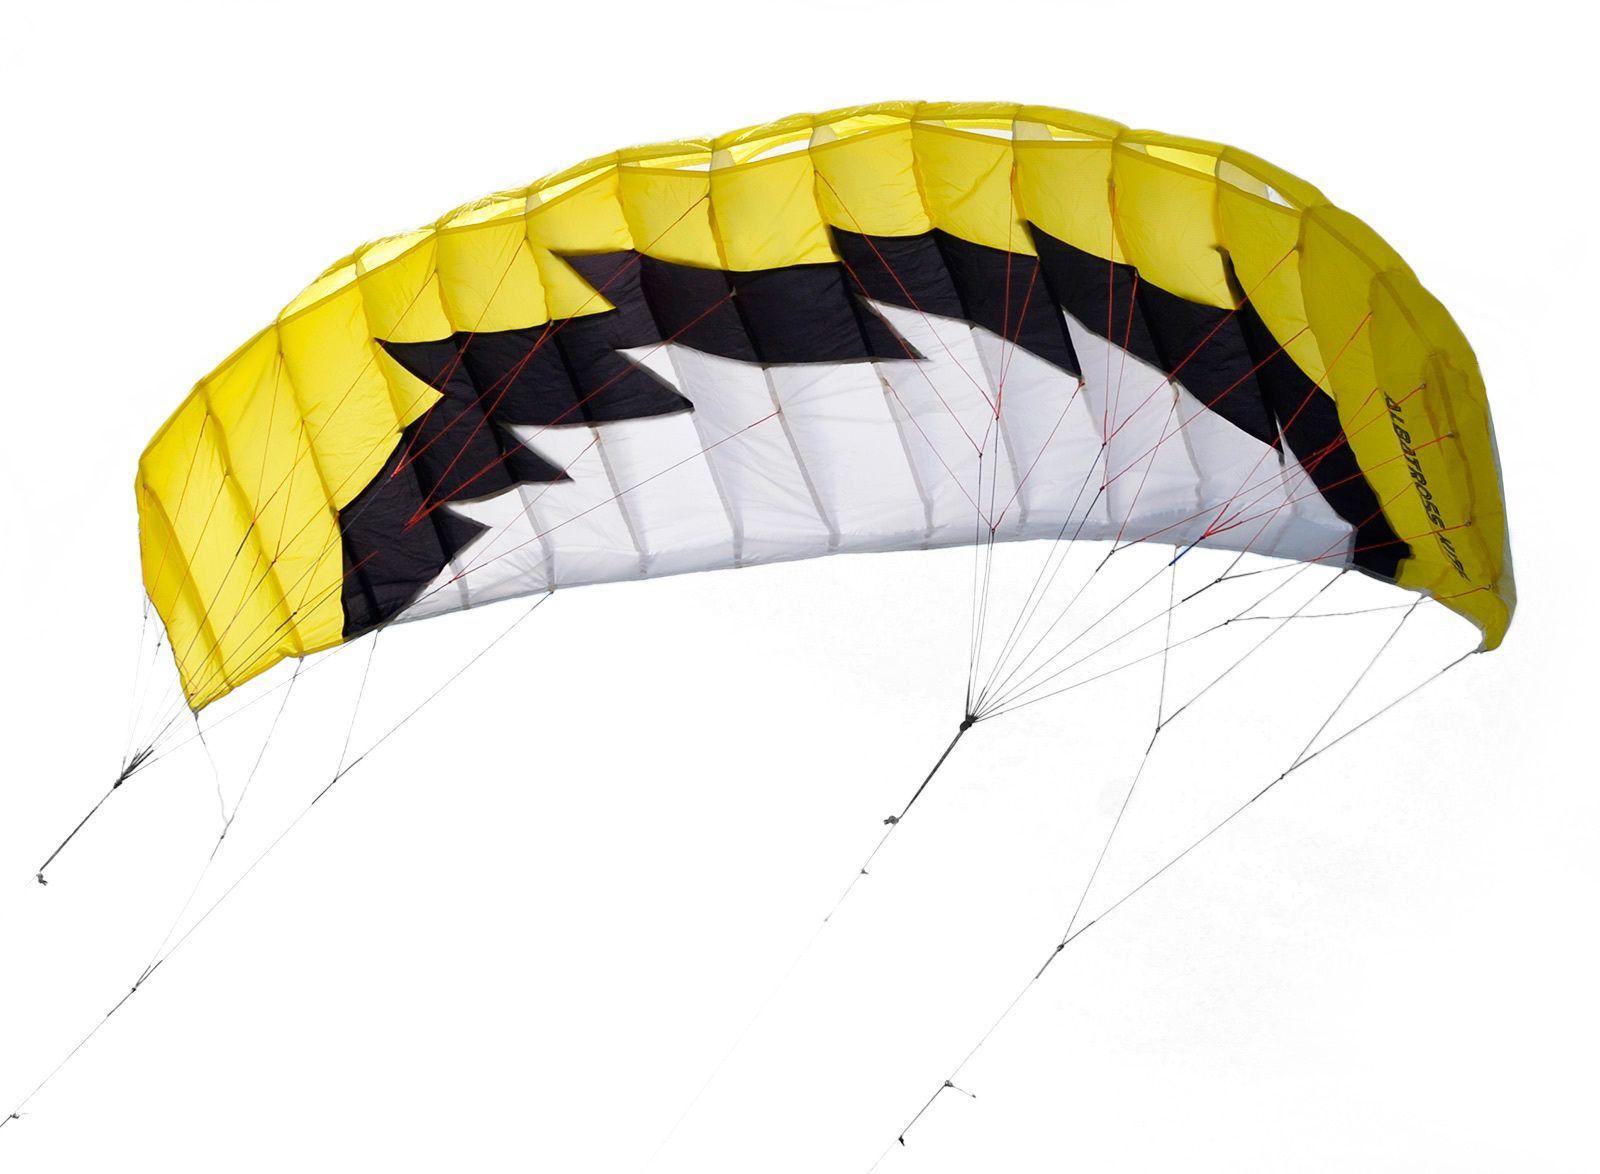 Кайт пилотажный четырехстропный Albatross Желтый Альбатрос, 2.6 кв.м [KP26Y]